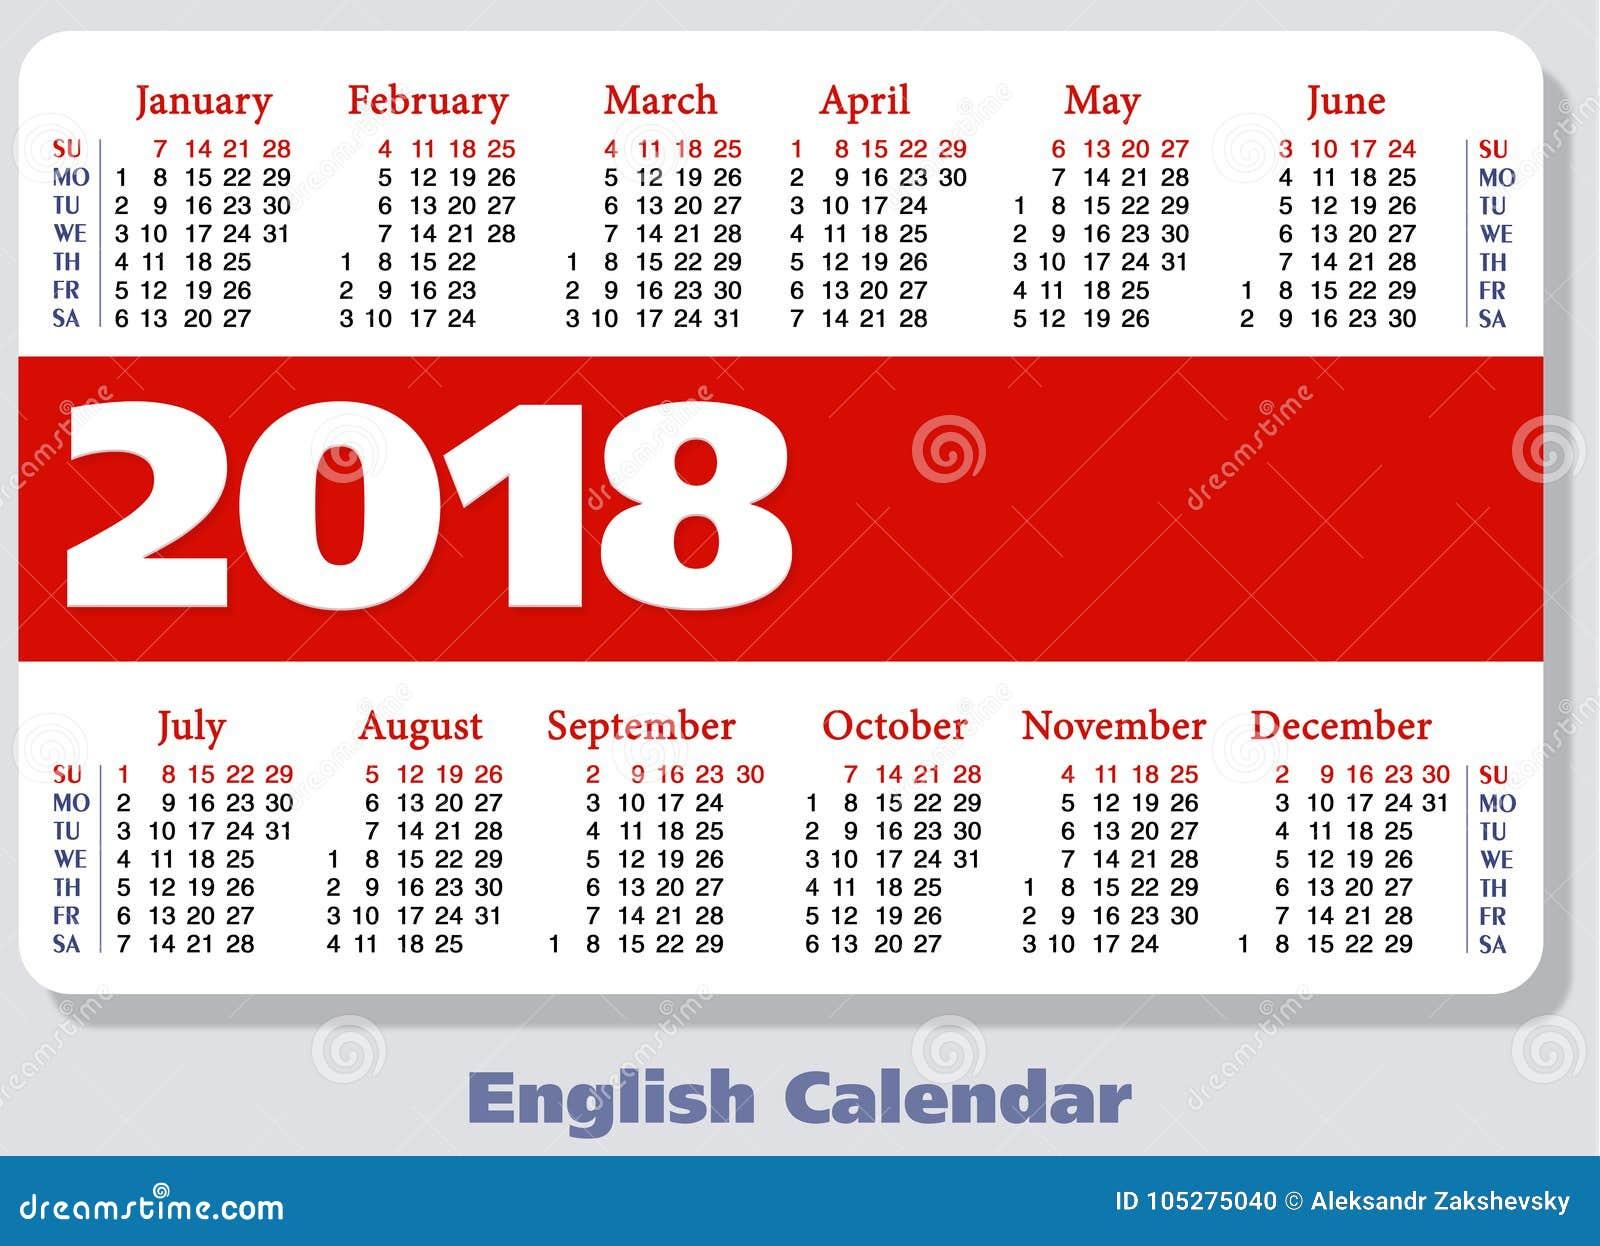 Αγγλικό ημερολόγιο τσεπών για το 2018